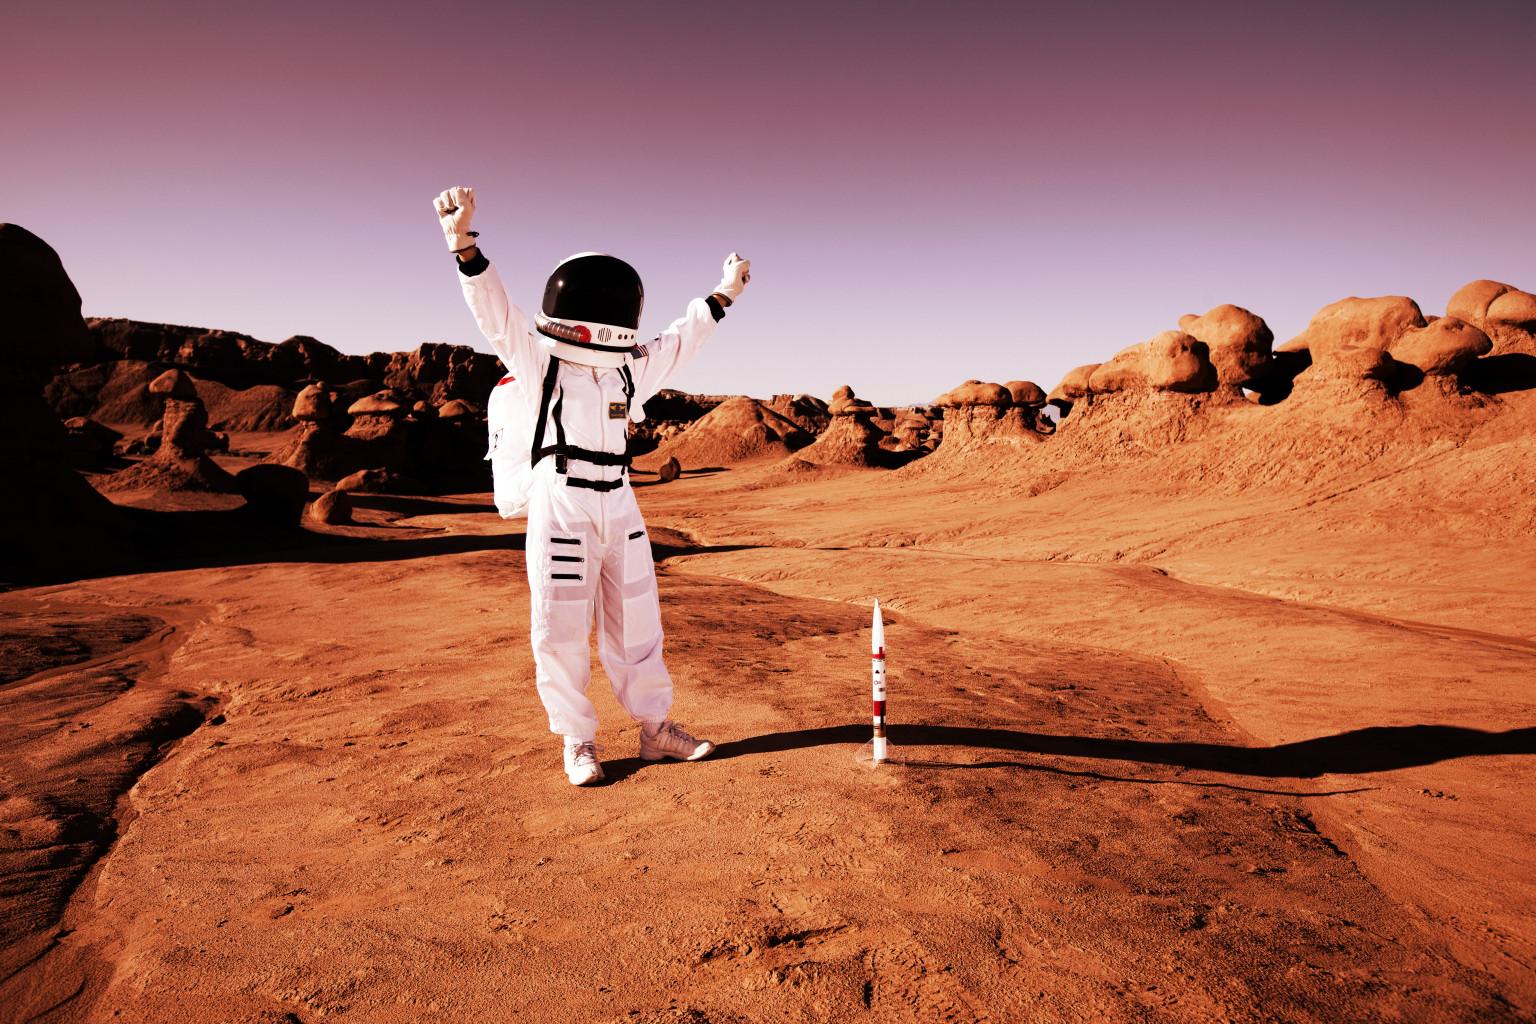 Из-за слабой гравитации Марса человек там весит гораздо меньше